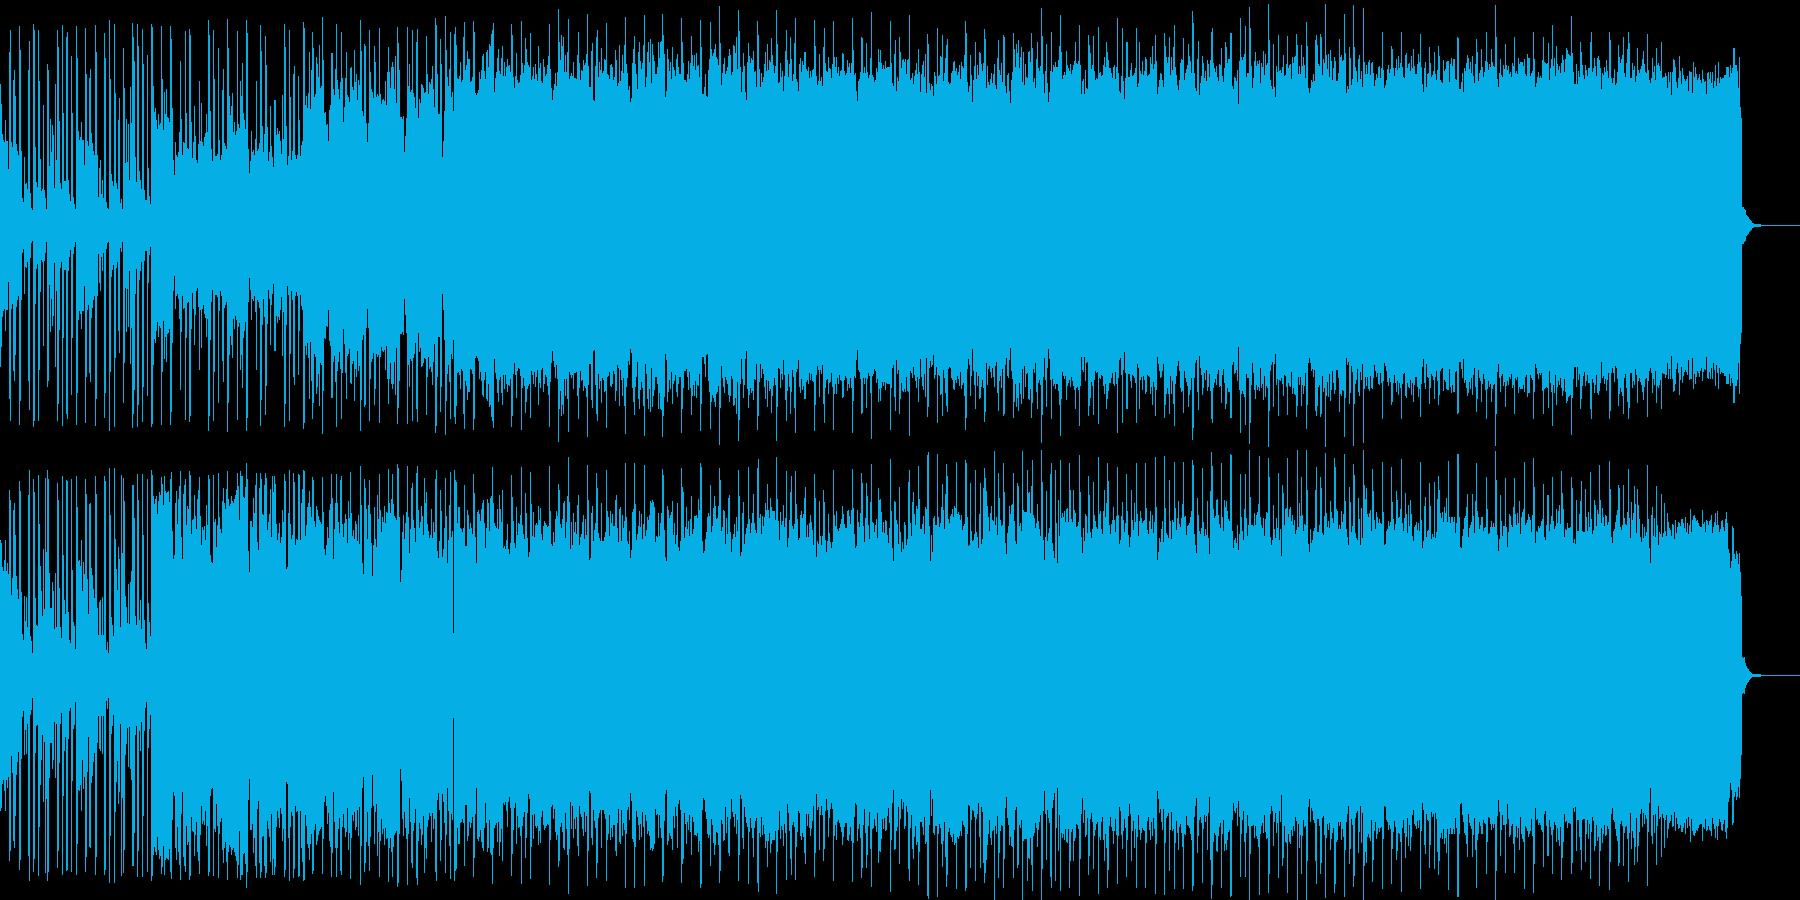 音が無制限に共鳴してるイメージの楽曲の再生済みの波形